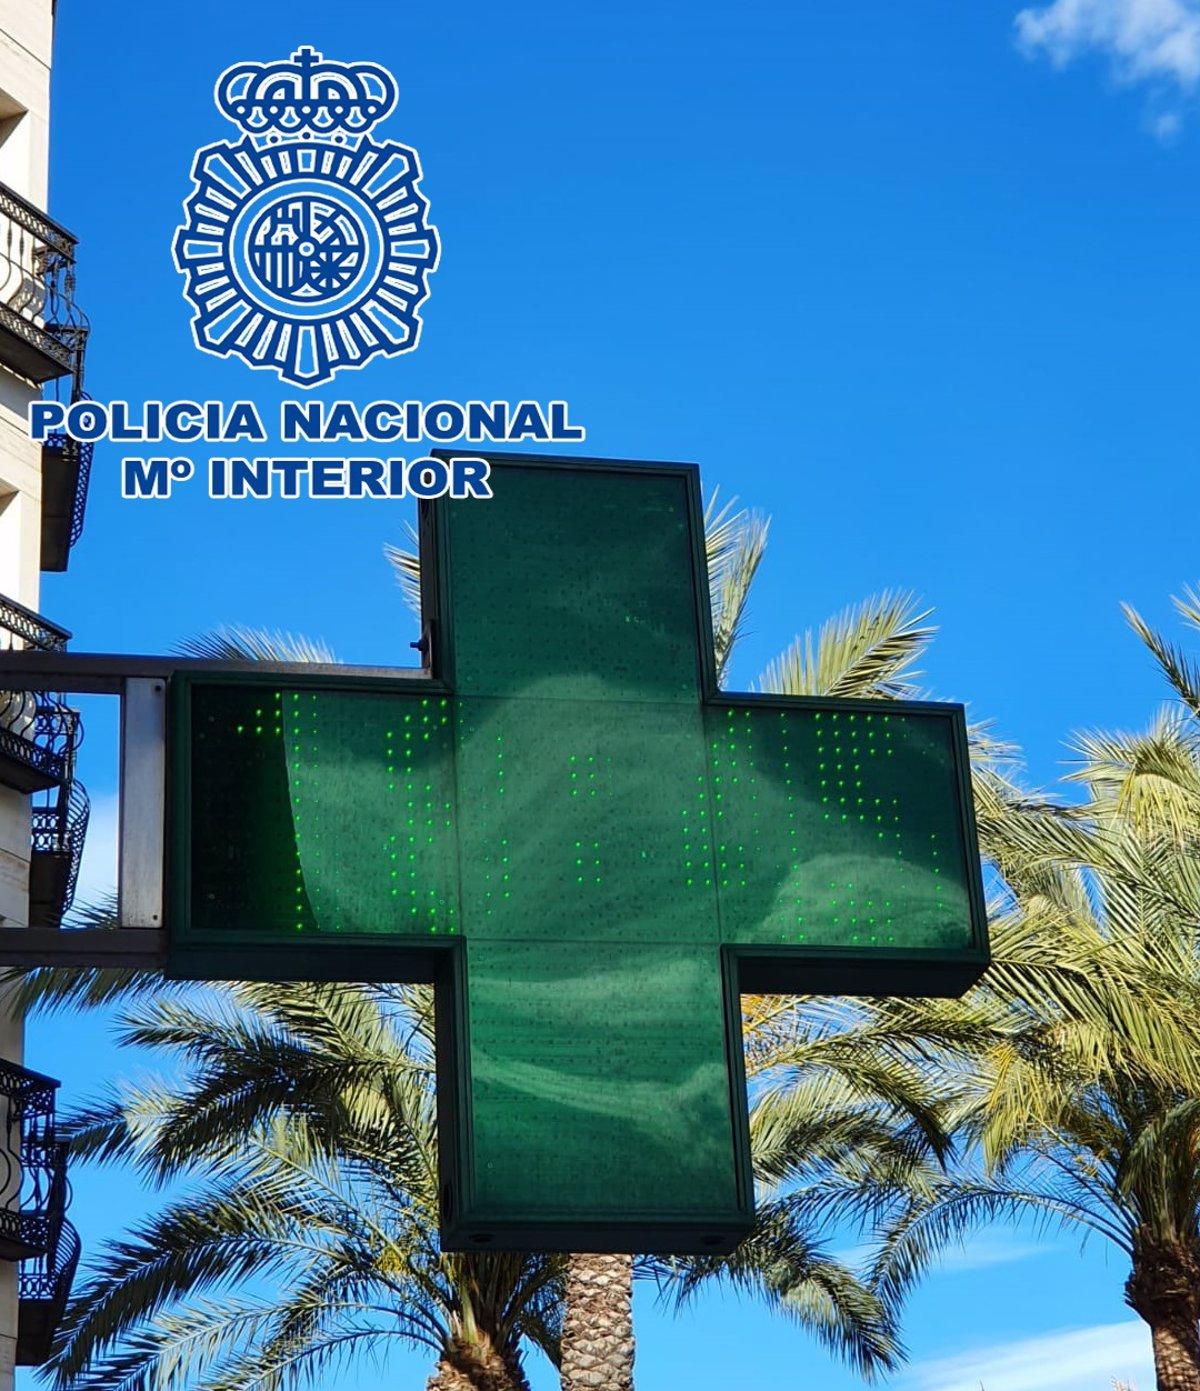 Almería. Sucesos. Detenido Un Empleado De Farmacia Por Falsear Pcr A 130 Euros Para Que Marroquíes Pudieran Ir A Su País